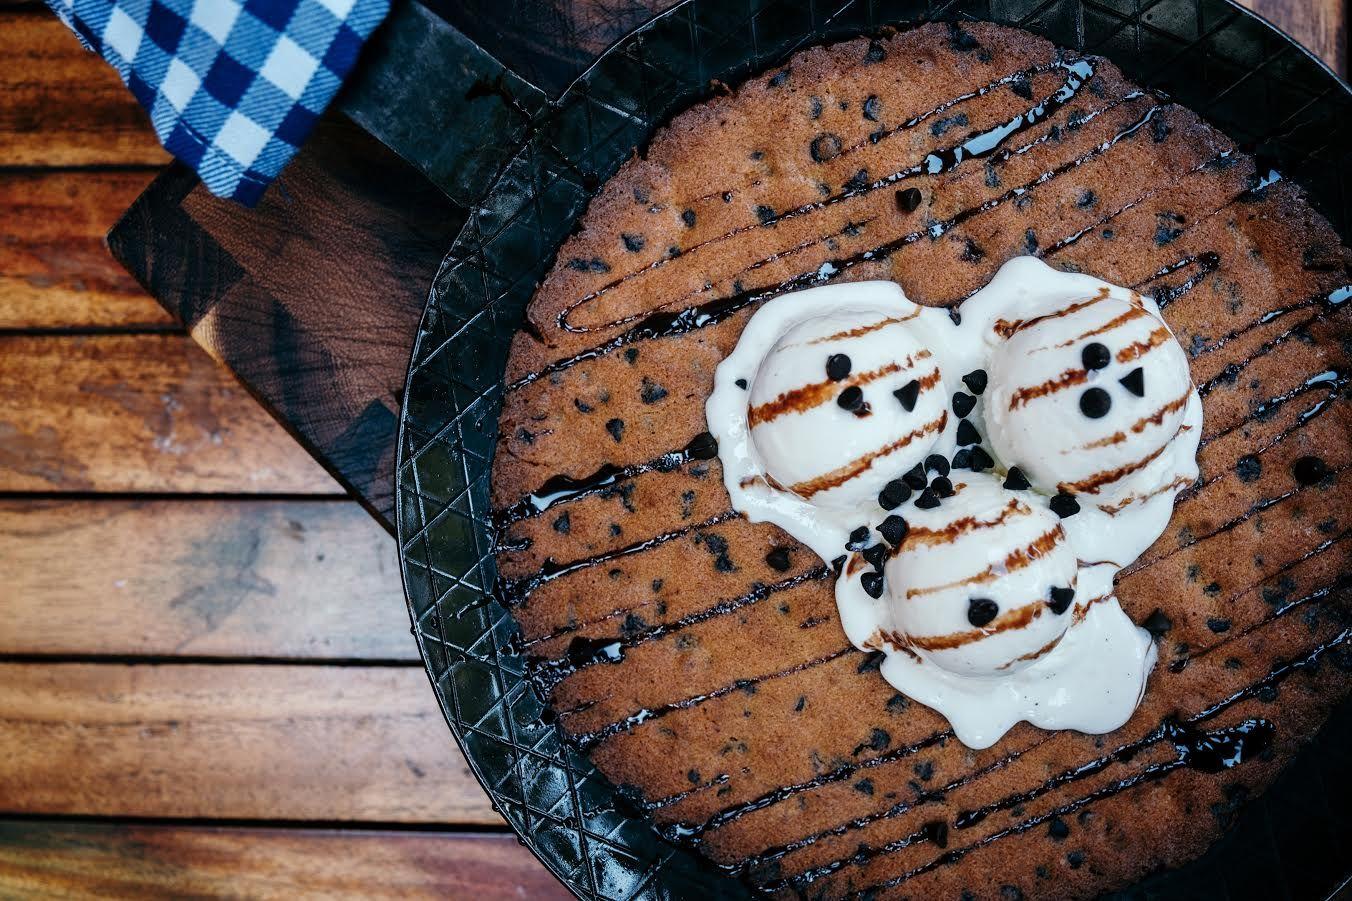 اربح دعوة لشخصين من مطعم كلو باربكيو عين دبي تعرف على مطاعم واماكن السهر فى دبي Desserts Food Cookies